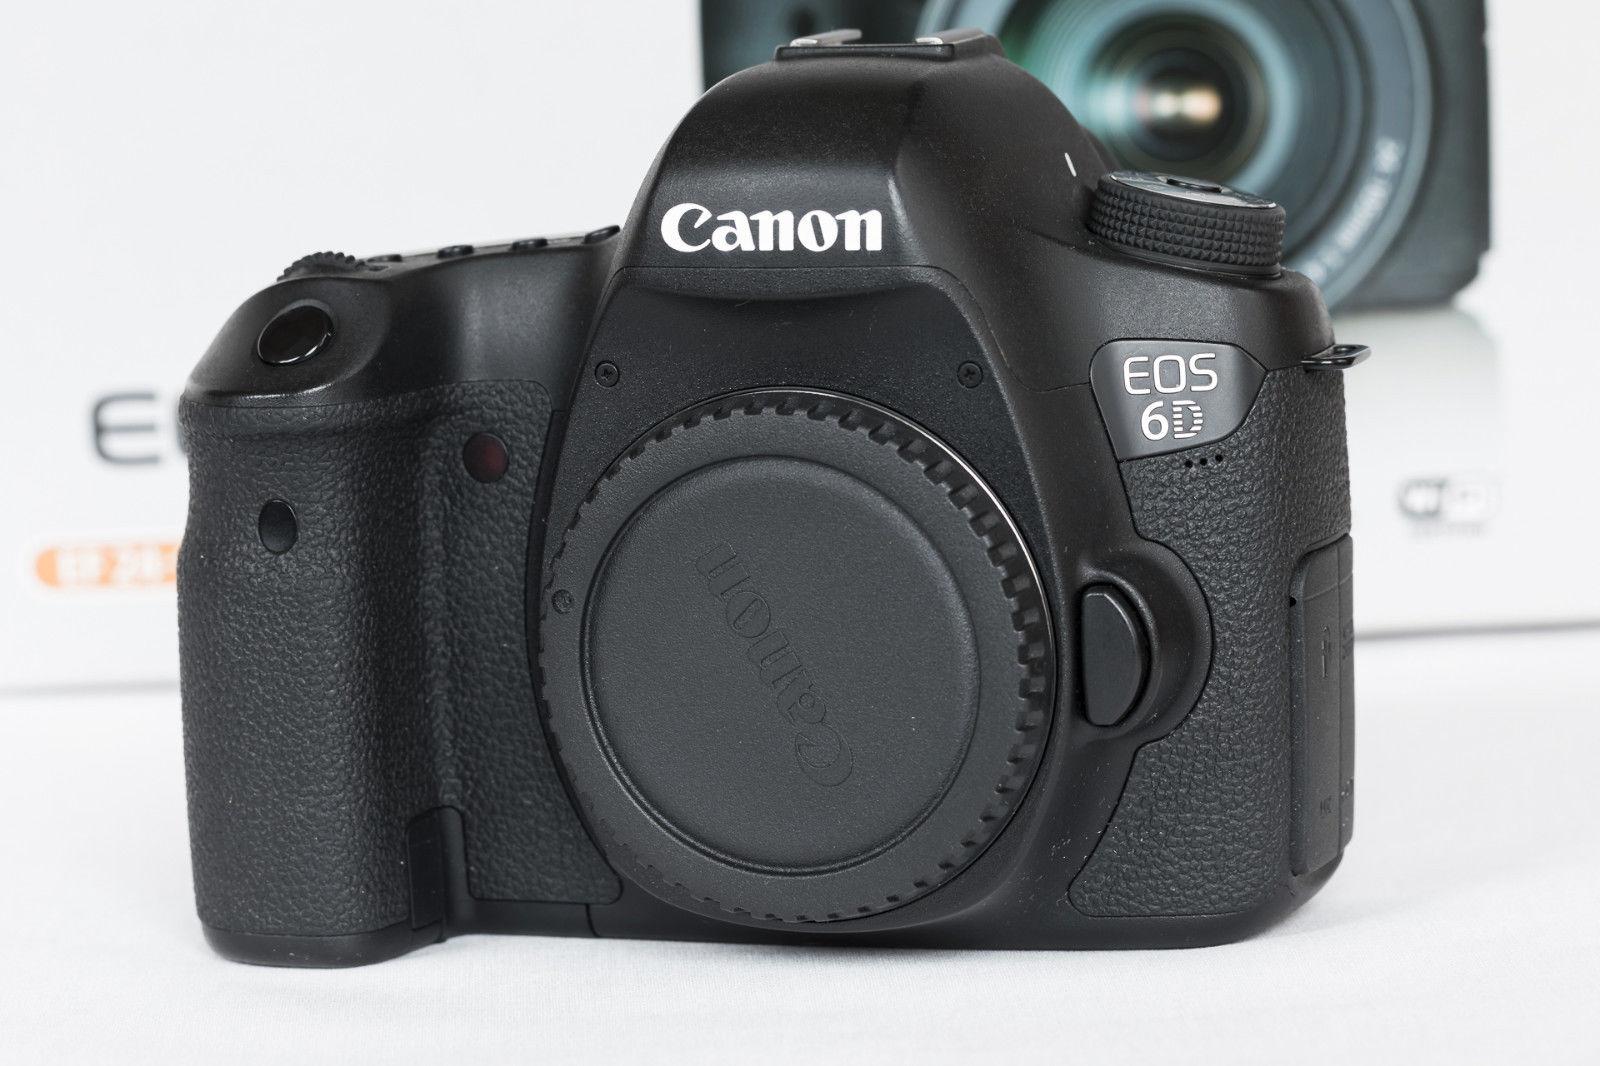 Canon EOS 6D 2.2 MP SLR-Digitalkamera - Schwarz (Nur Gehäuse)